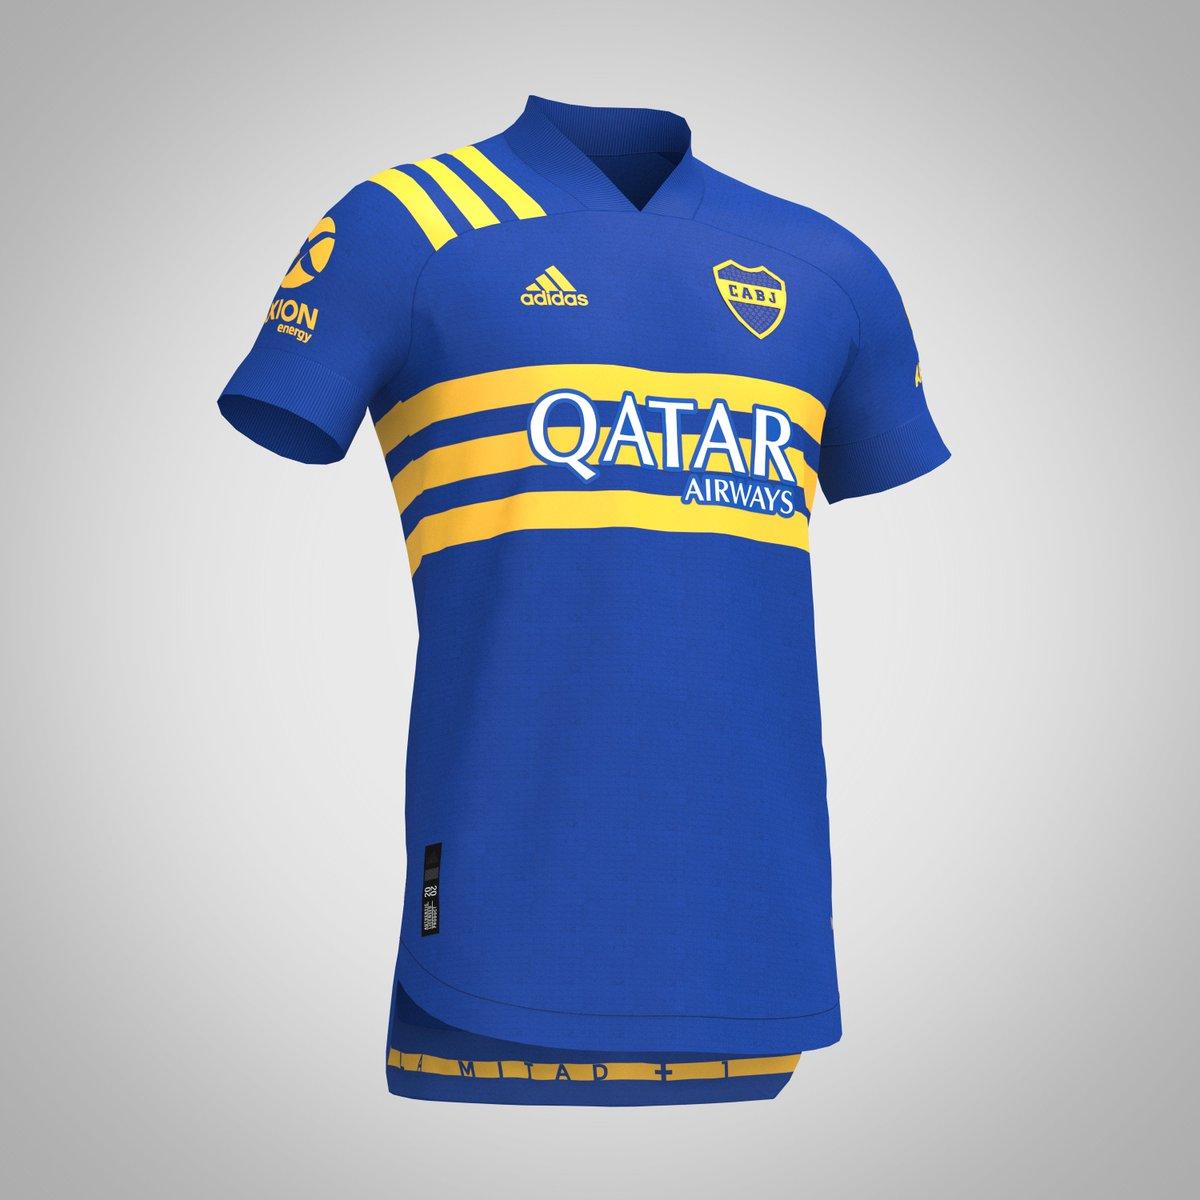 ¿Se imaginan una línea de adidas bien MLS para sus equipos argentinos? Aunque presiento que funcionan mejor como versiones alternativas/3rd kits. https://t.co/VKfOoyZ1JZ